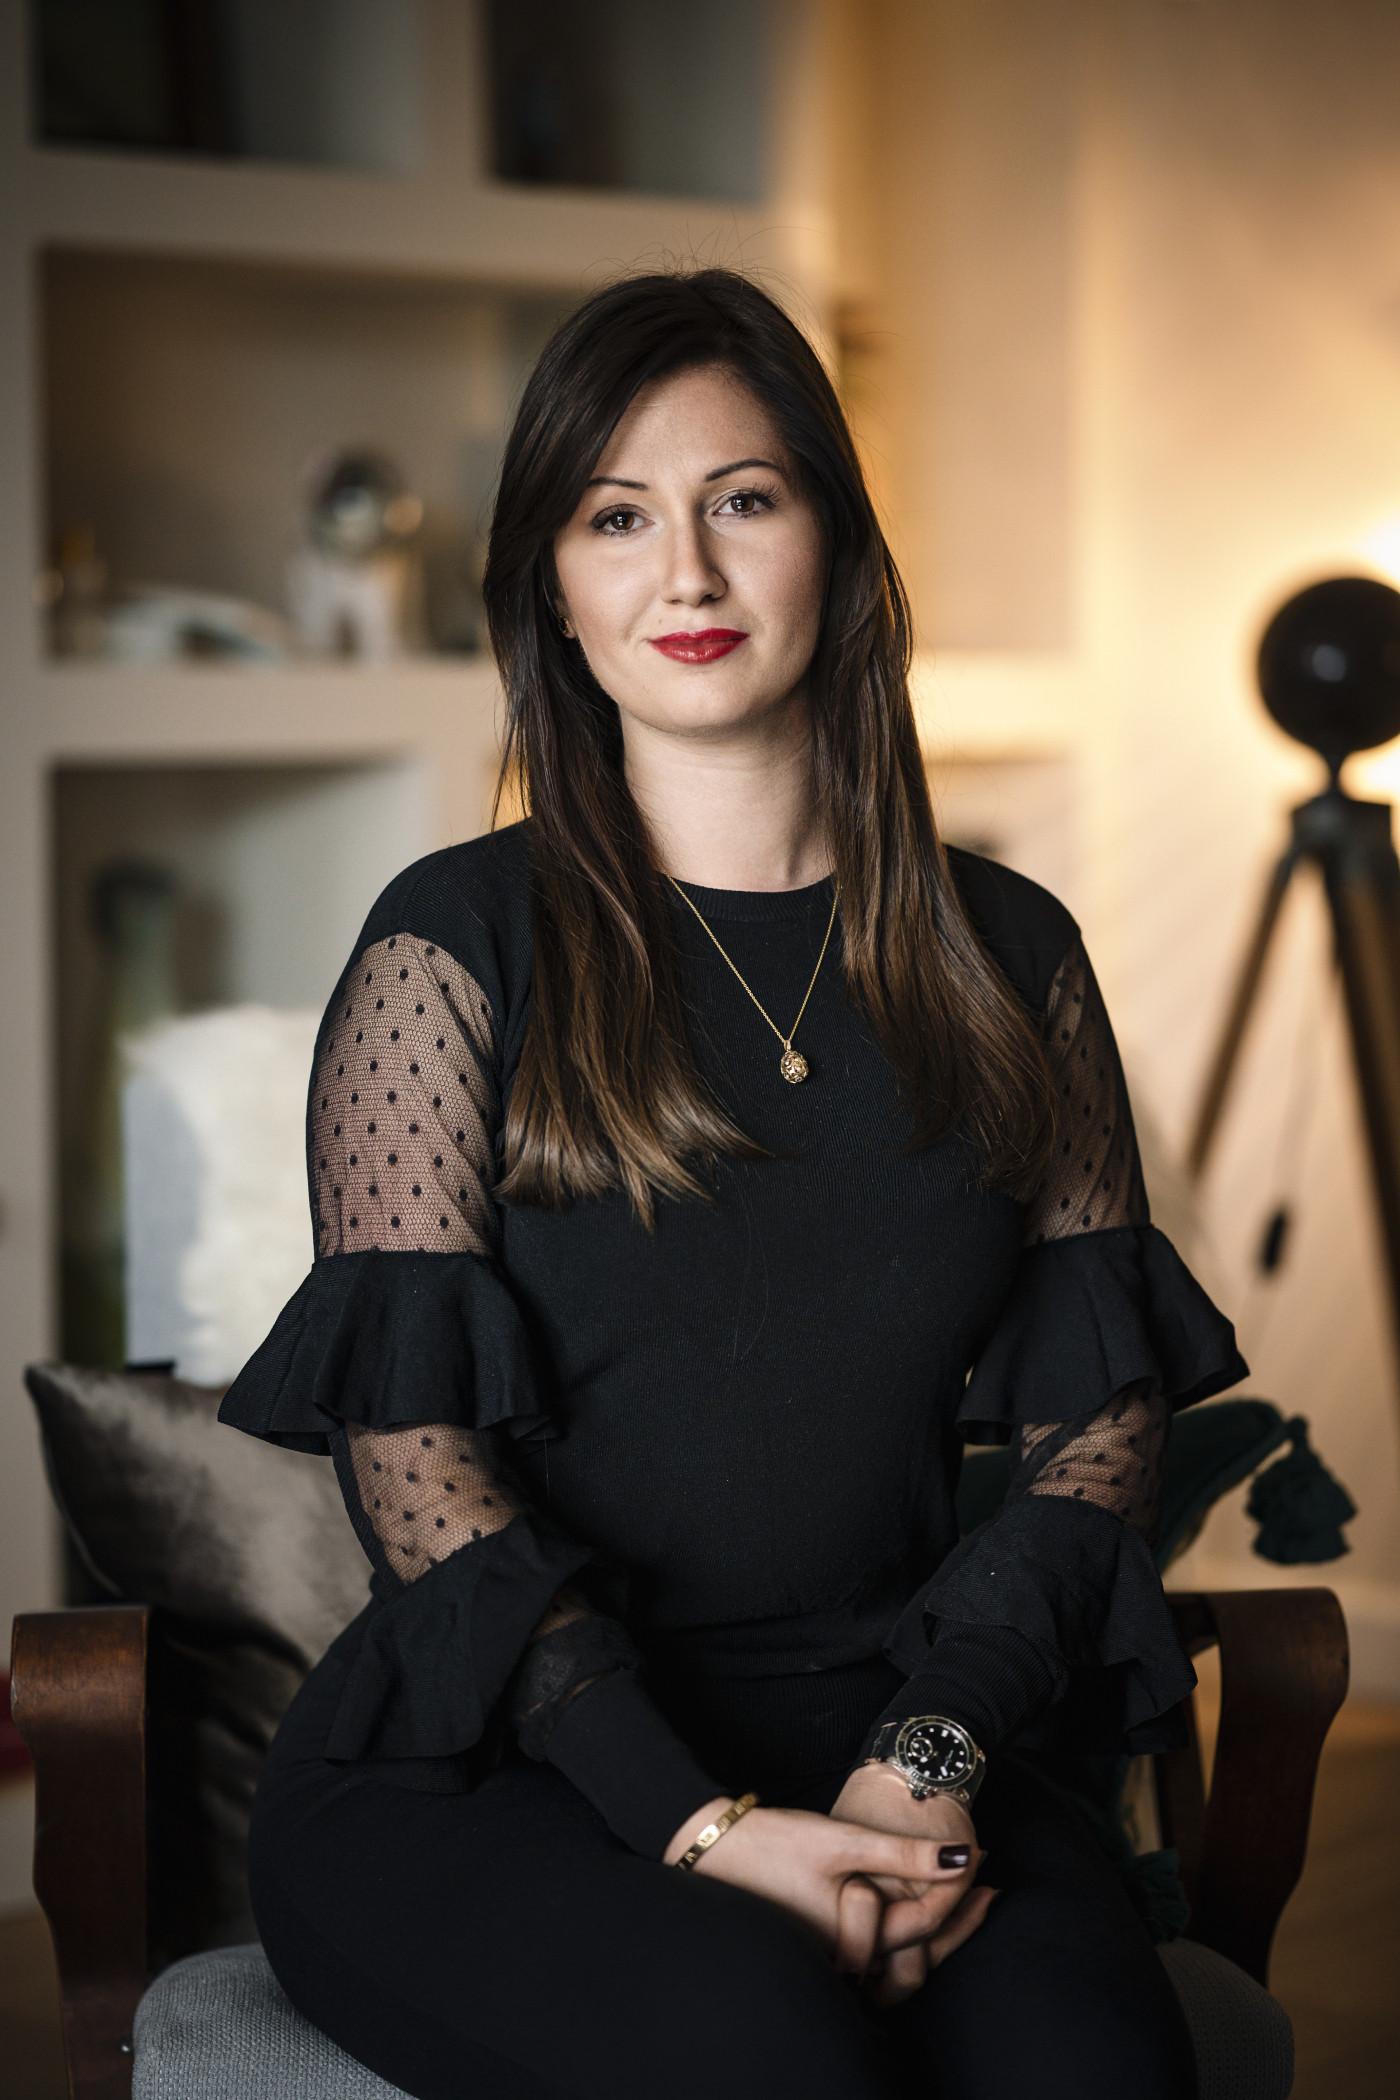 Hidvégi Krisztina, a verseny névadó partnere, a Lounge Group médiaigazgatója